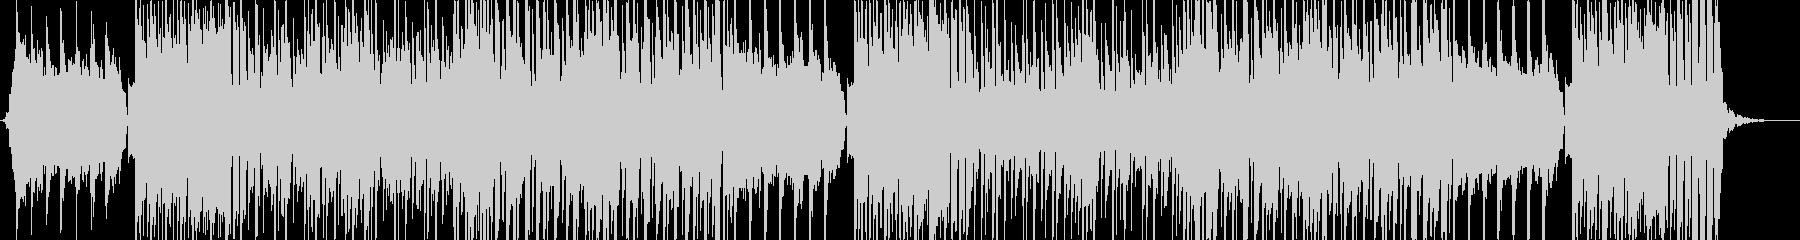 おしゃれでエモいFuture Bass2の未再生の波形